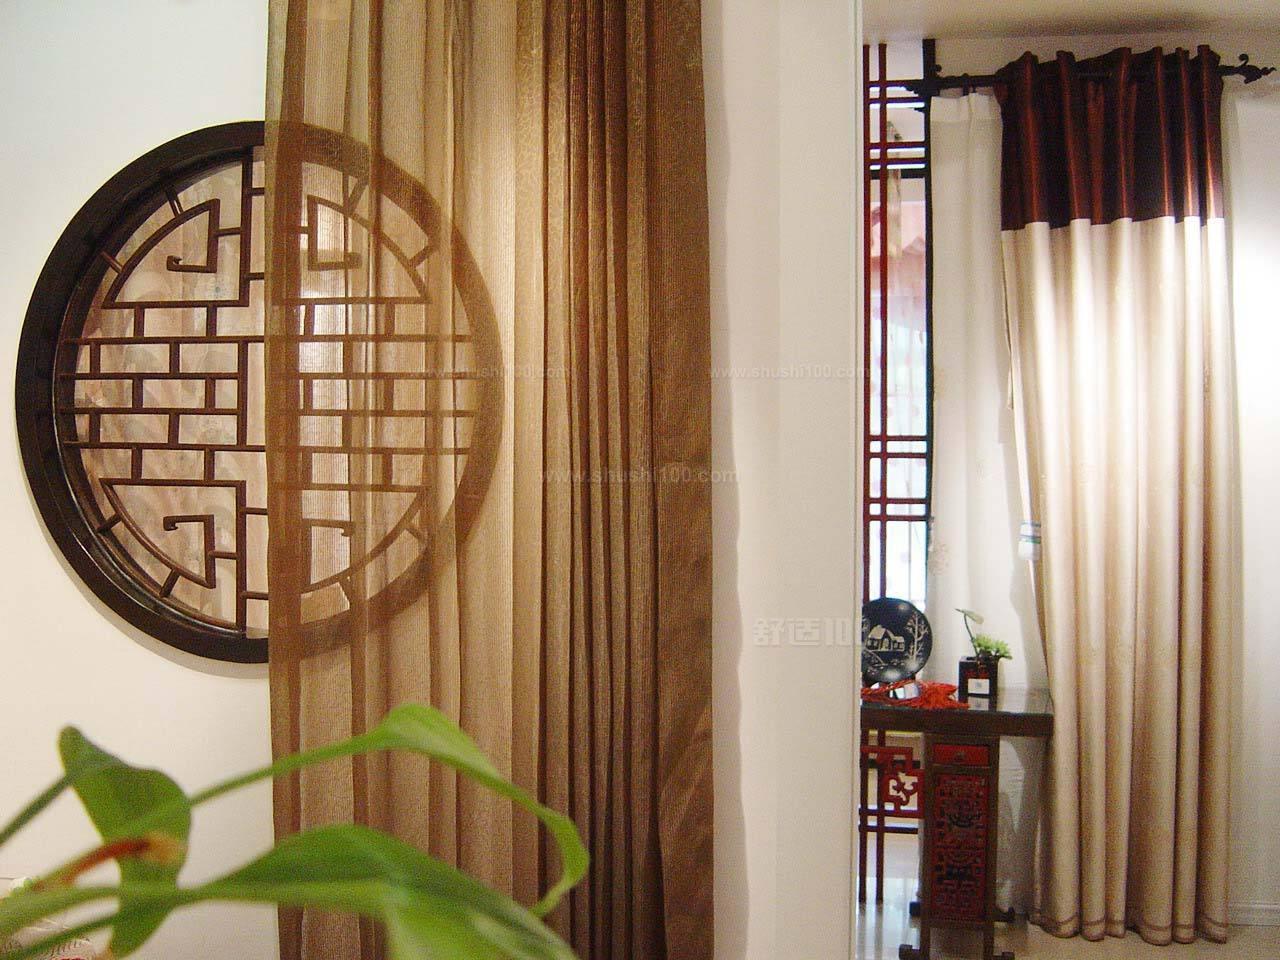 中式窗帘特点—百叶帘 铝百叶帘,用铝合金为主加工制作而成的窗帘,具图片